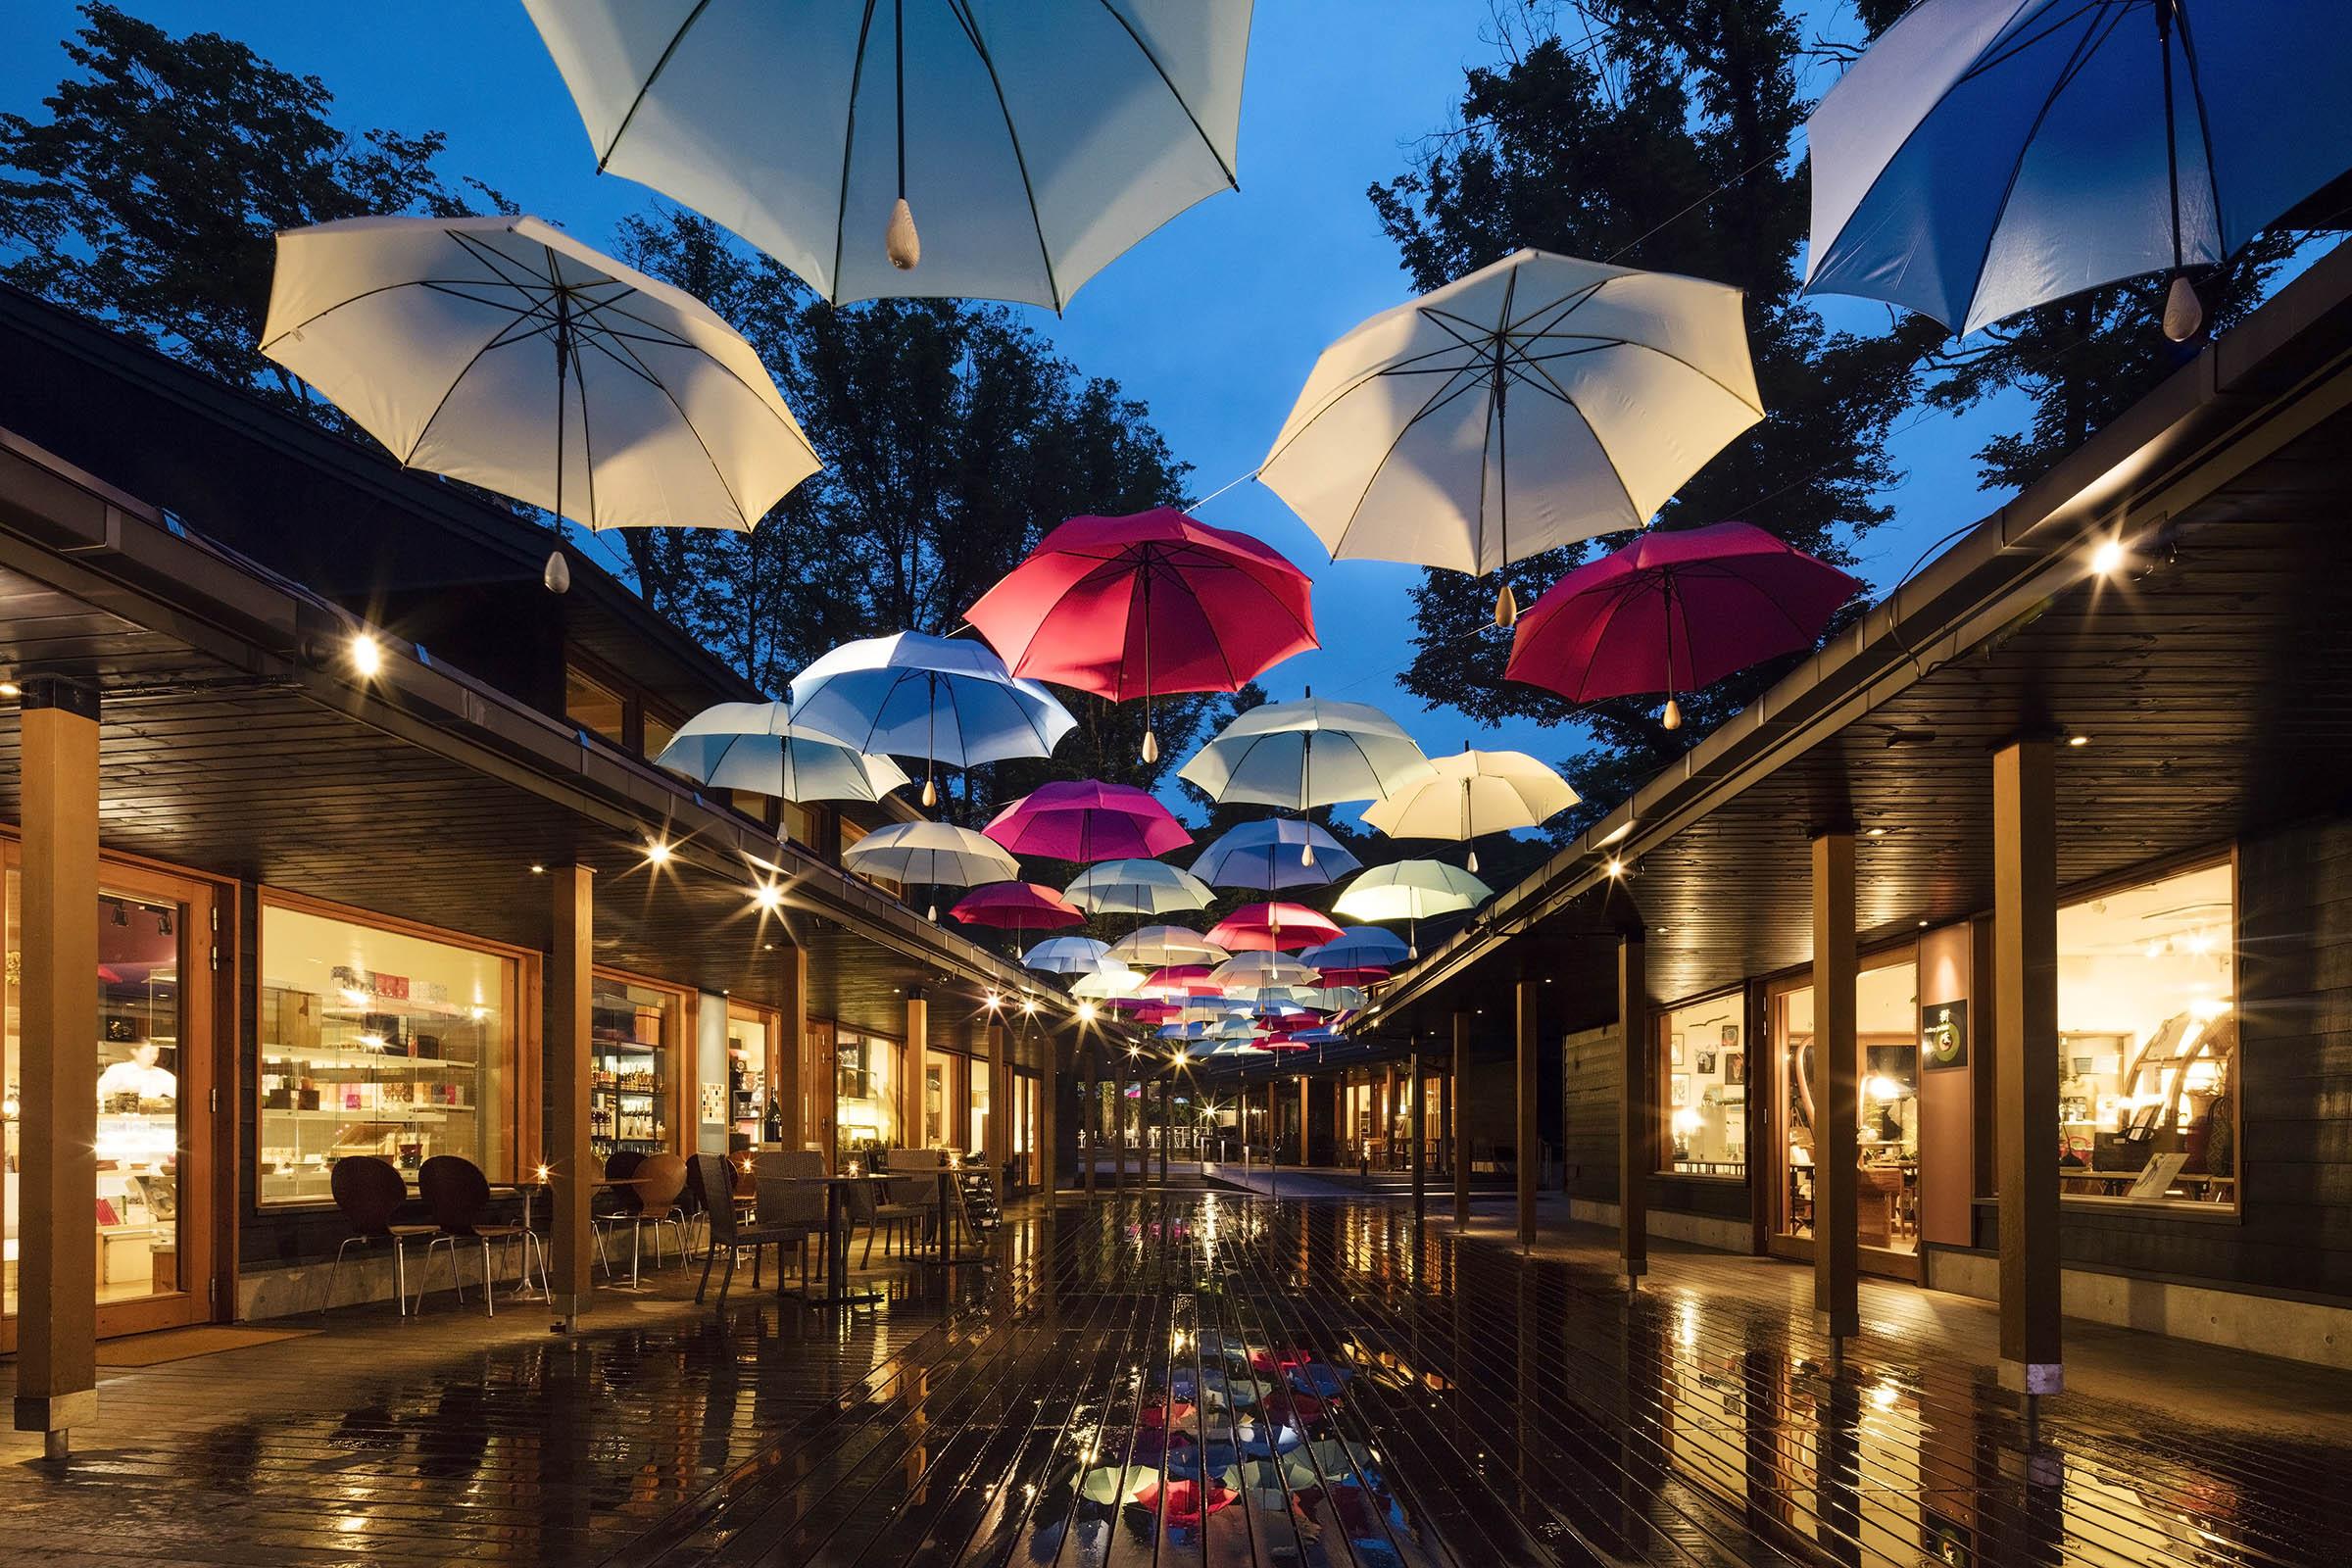 軽井沢星野エリア ハルニレテラス 雨を楽しむイベント「軽井沢アンブレラスカイ2019」開催 開催期間:2019年6月1日~梅雨が明けるまで